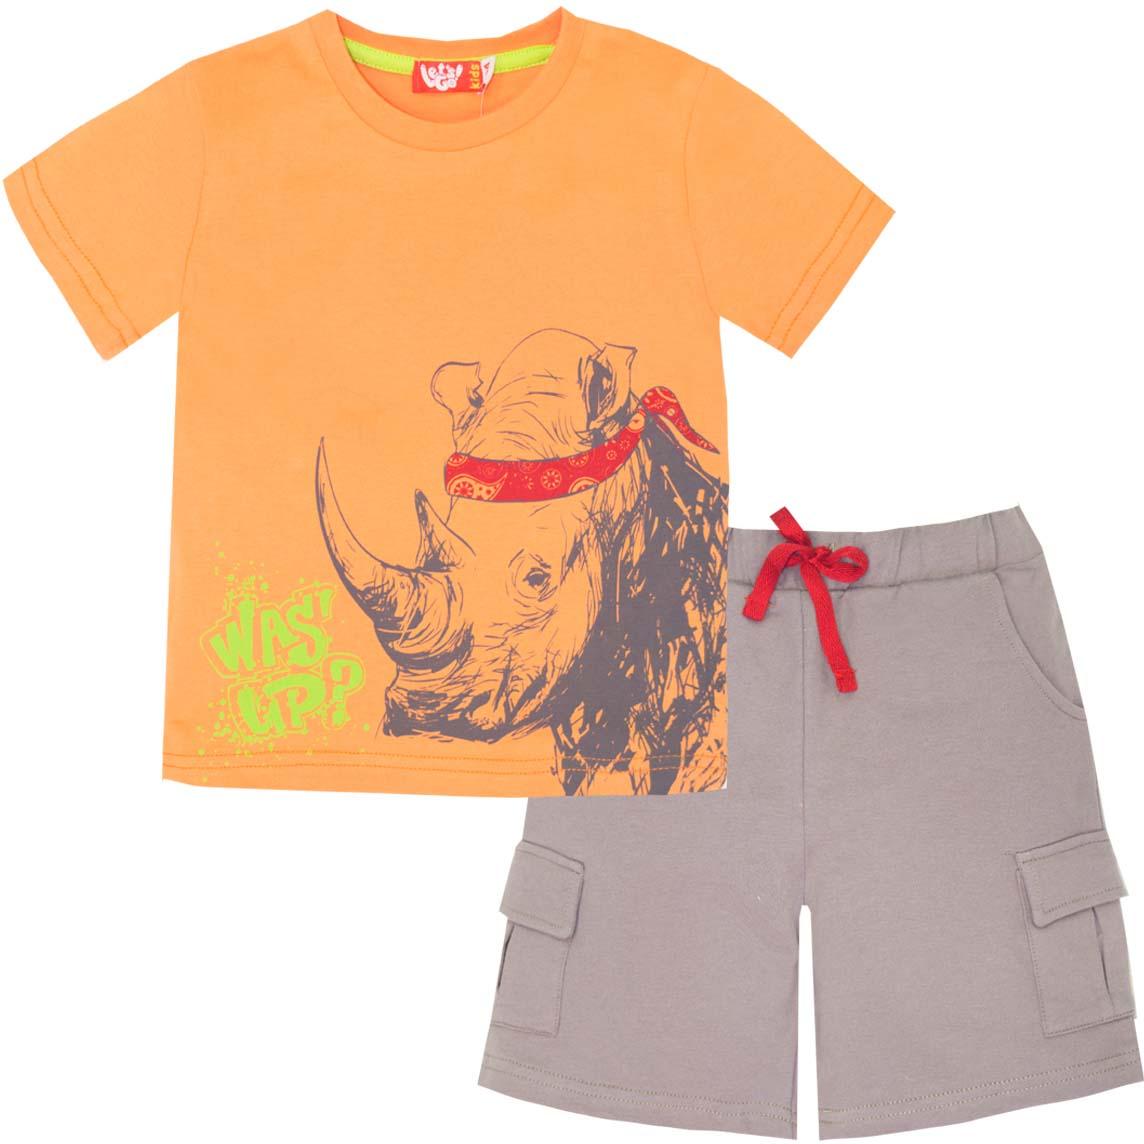 Комплект одежды для мальчика Let's Go: футболка, шорты, цвет: оранжевый, серый. 4224. Размер 98 комплект одежды для мальчика let s go футболка шорты цвет горчичный оливковый 4231 размер 98